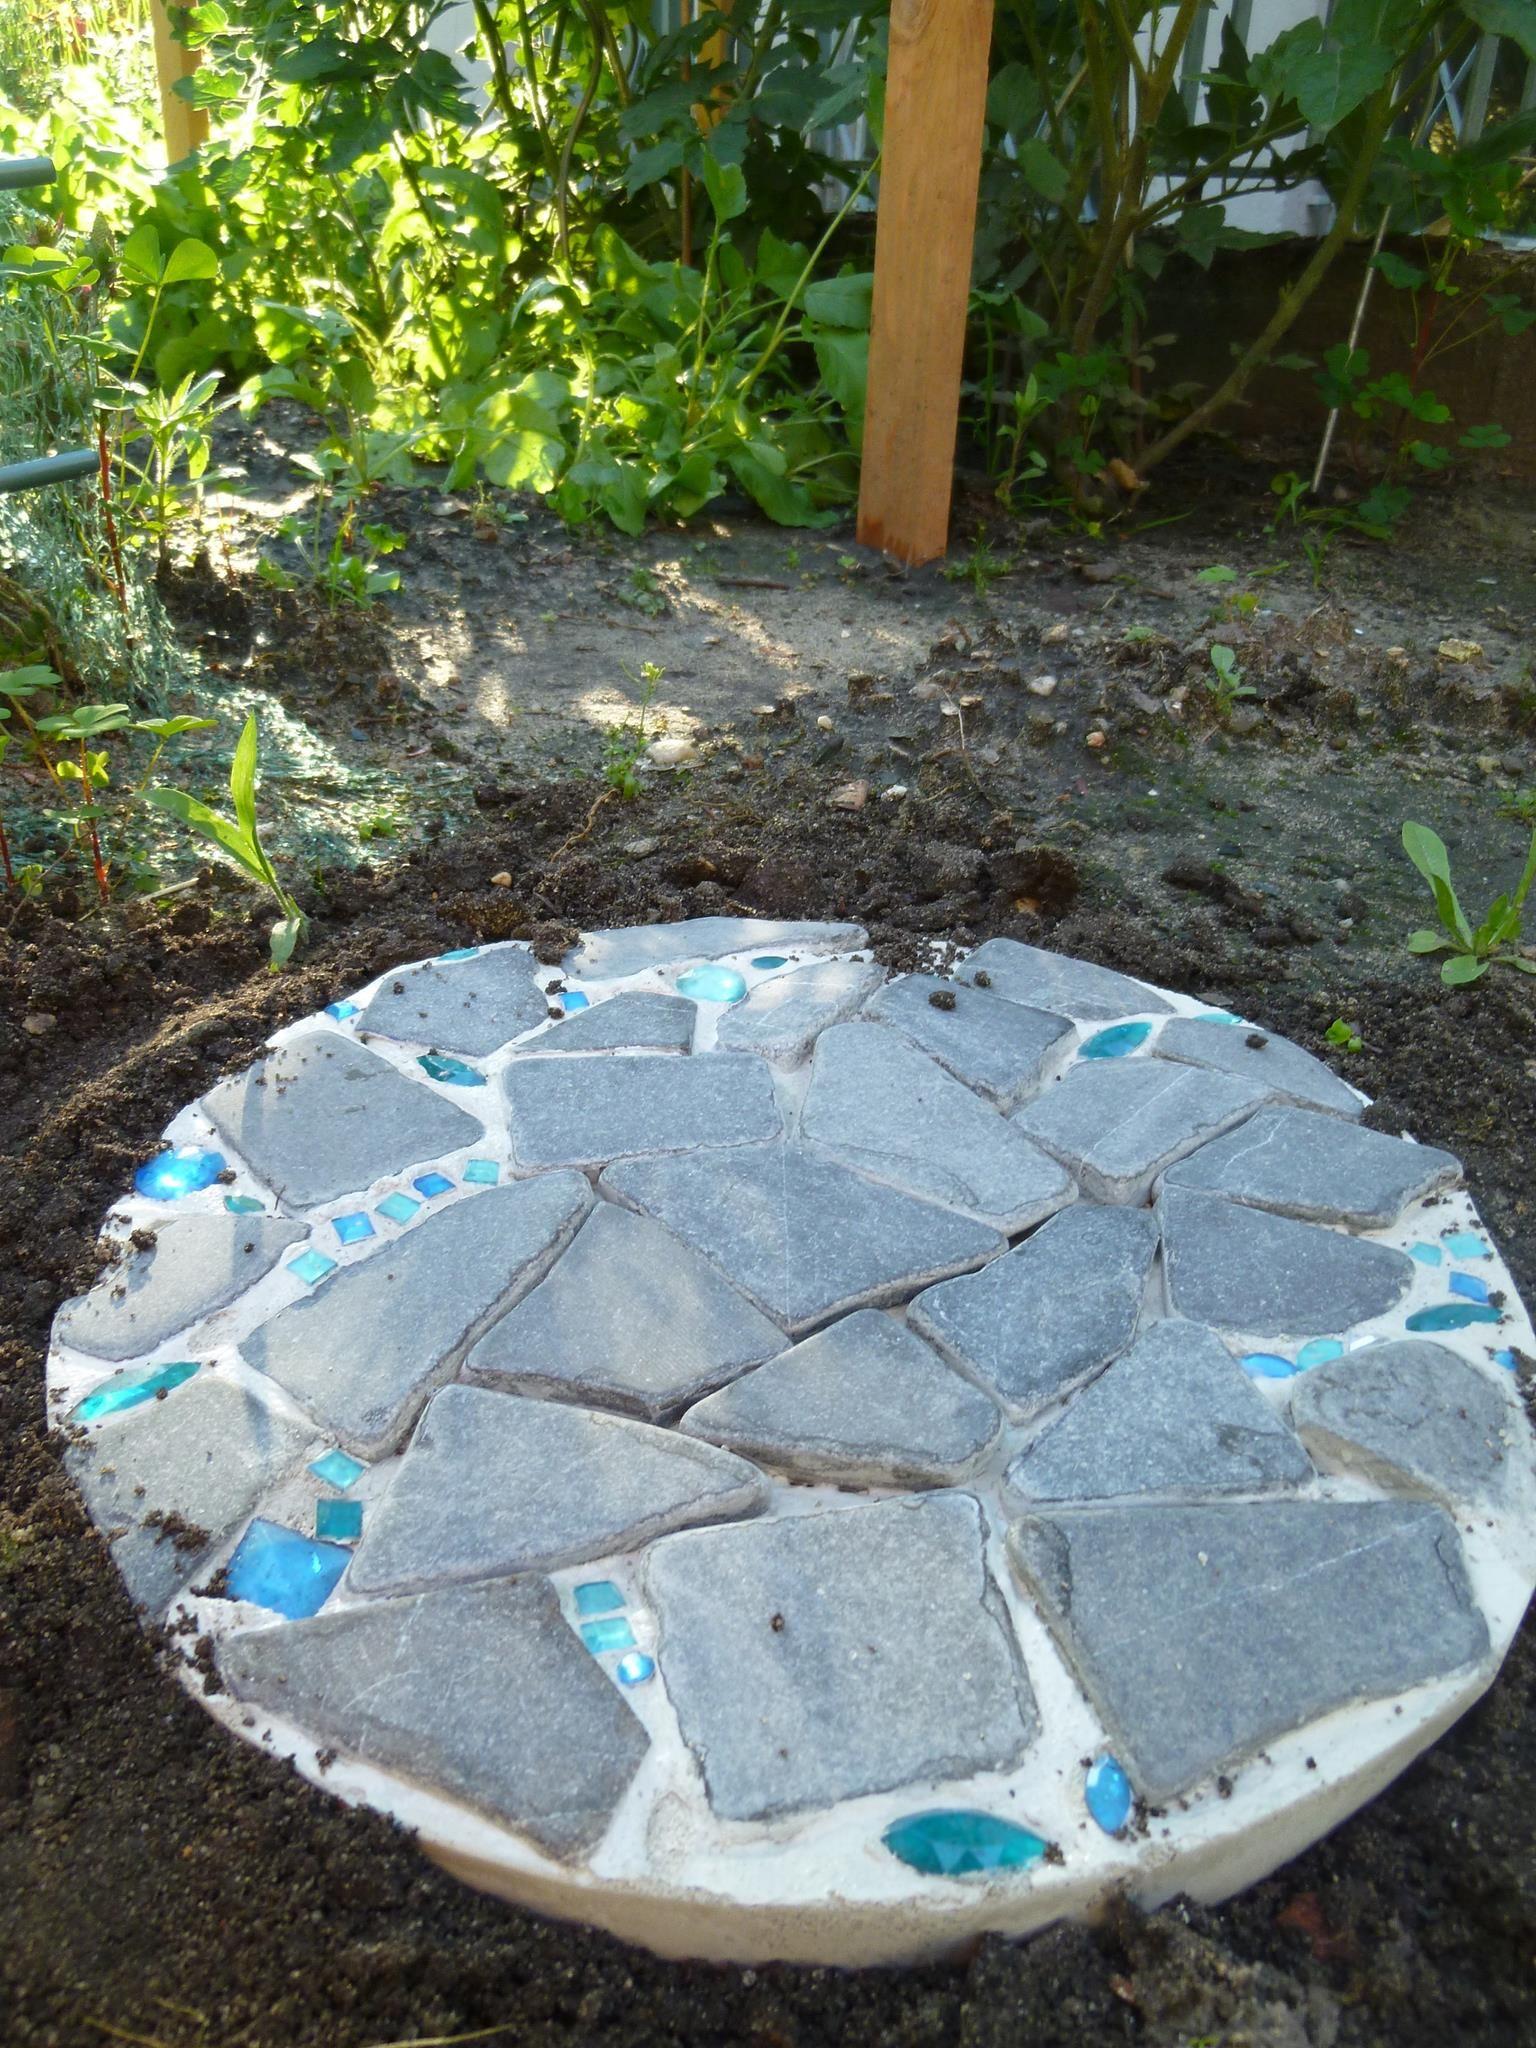 selbstgemachte trittsteine aus mosaik im gemüsebeet machen den